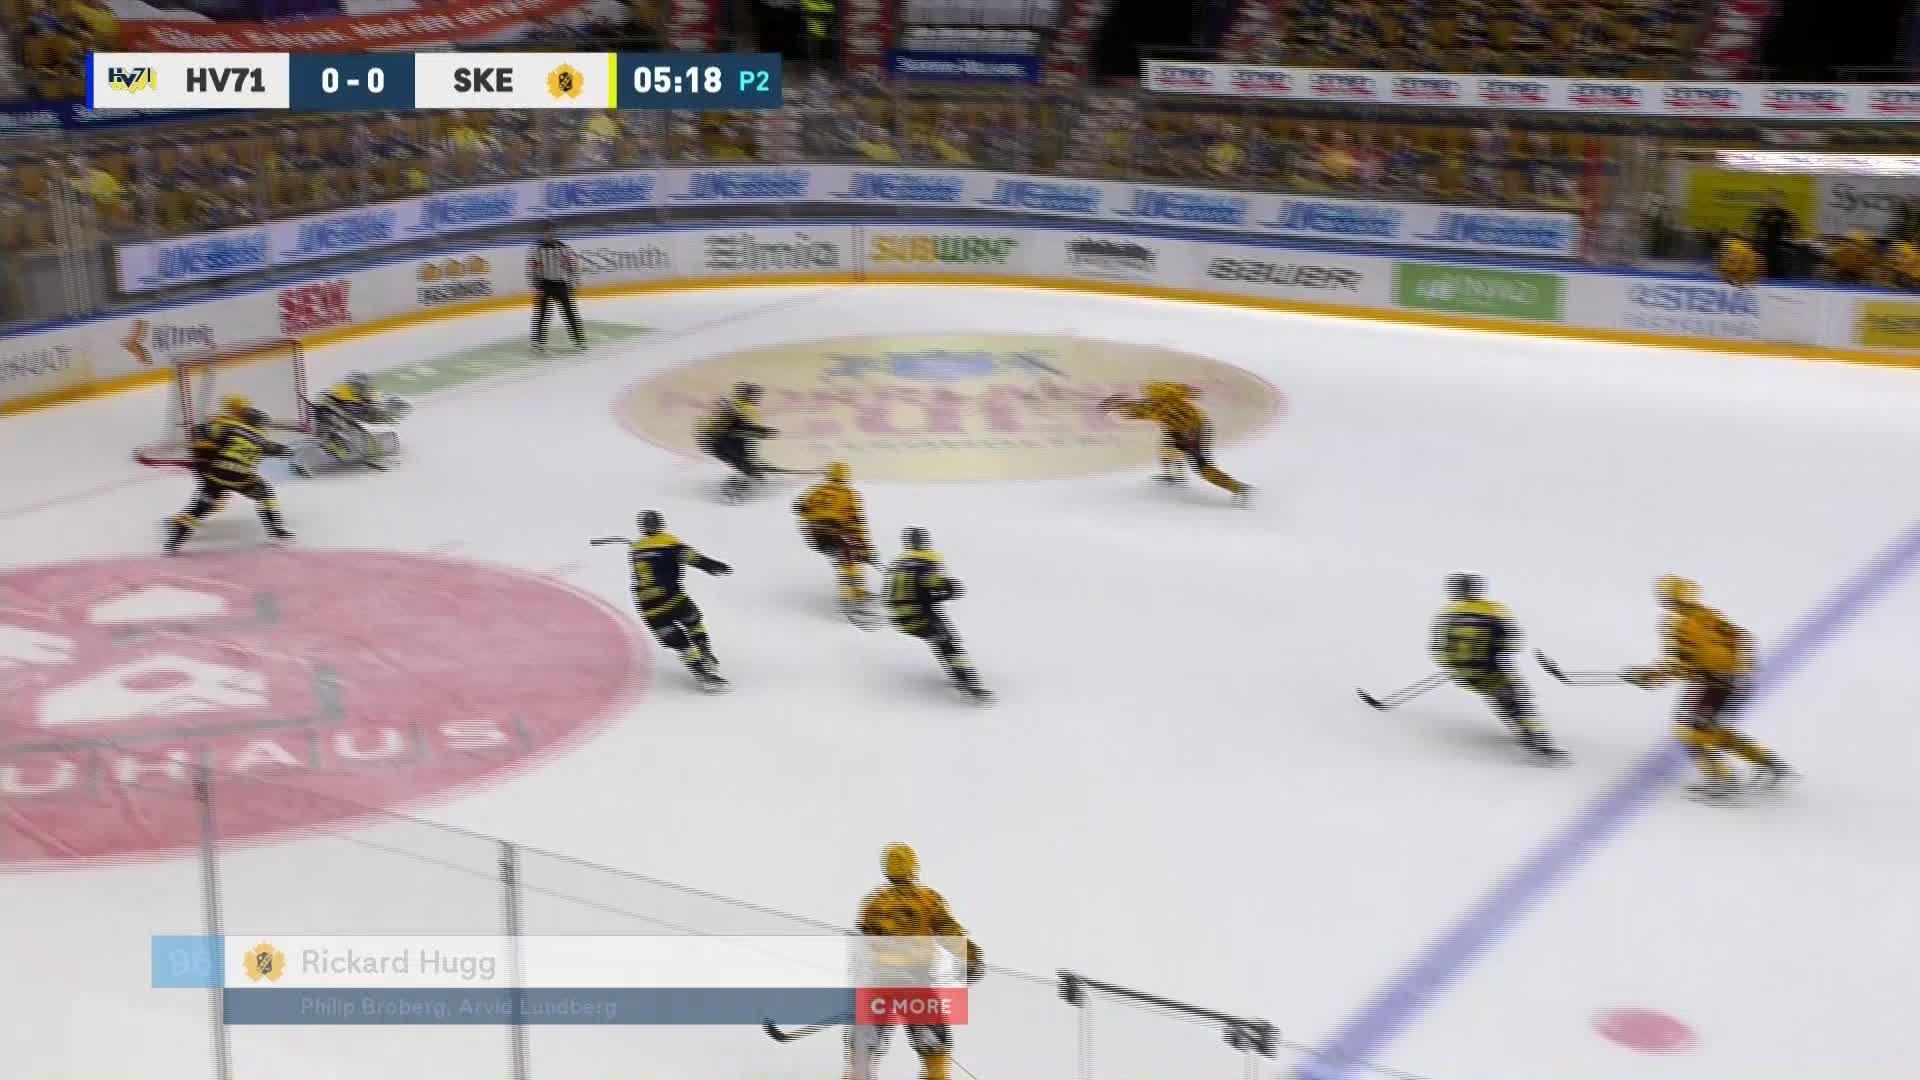 HV71 - Skellefteå AIK 0-1